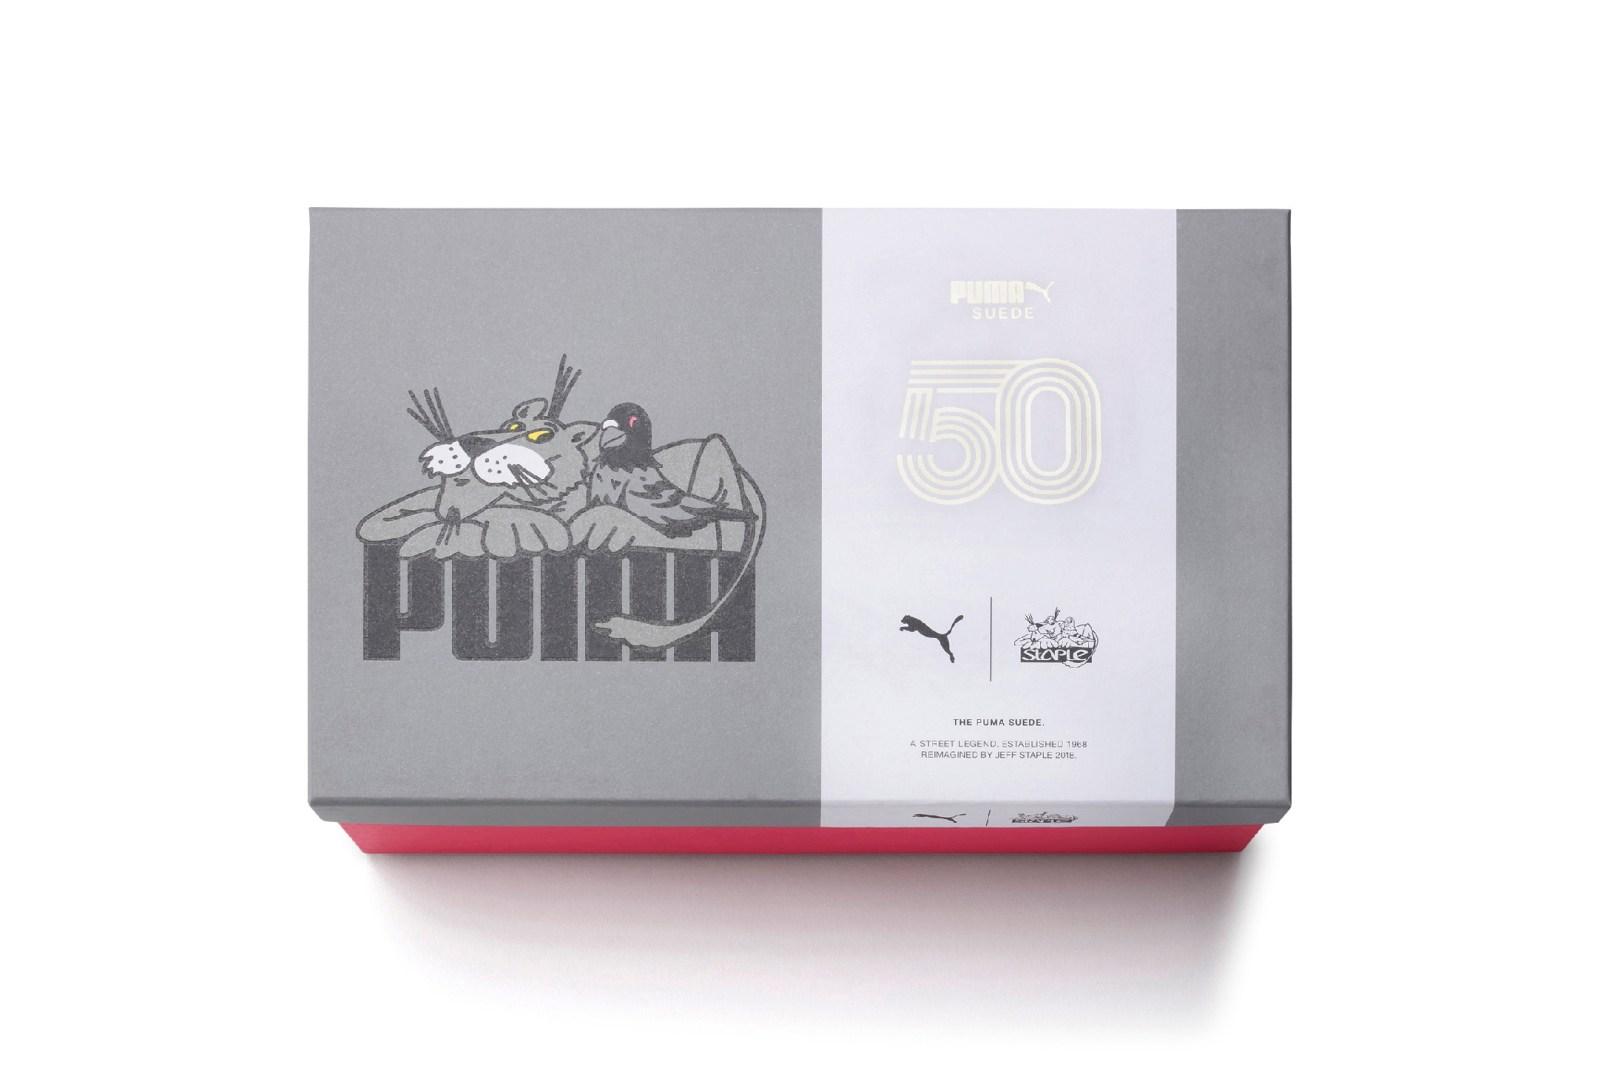 Staple Pigeon x PUMA 全新聯乘 Suede 50 系列登場